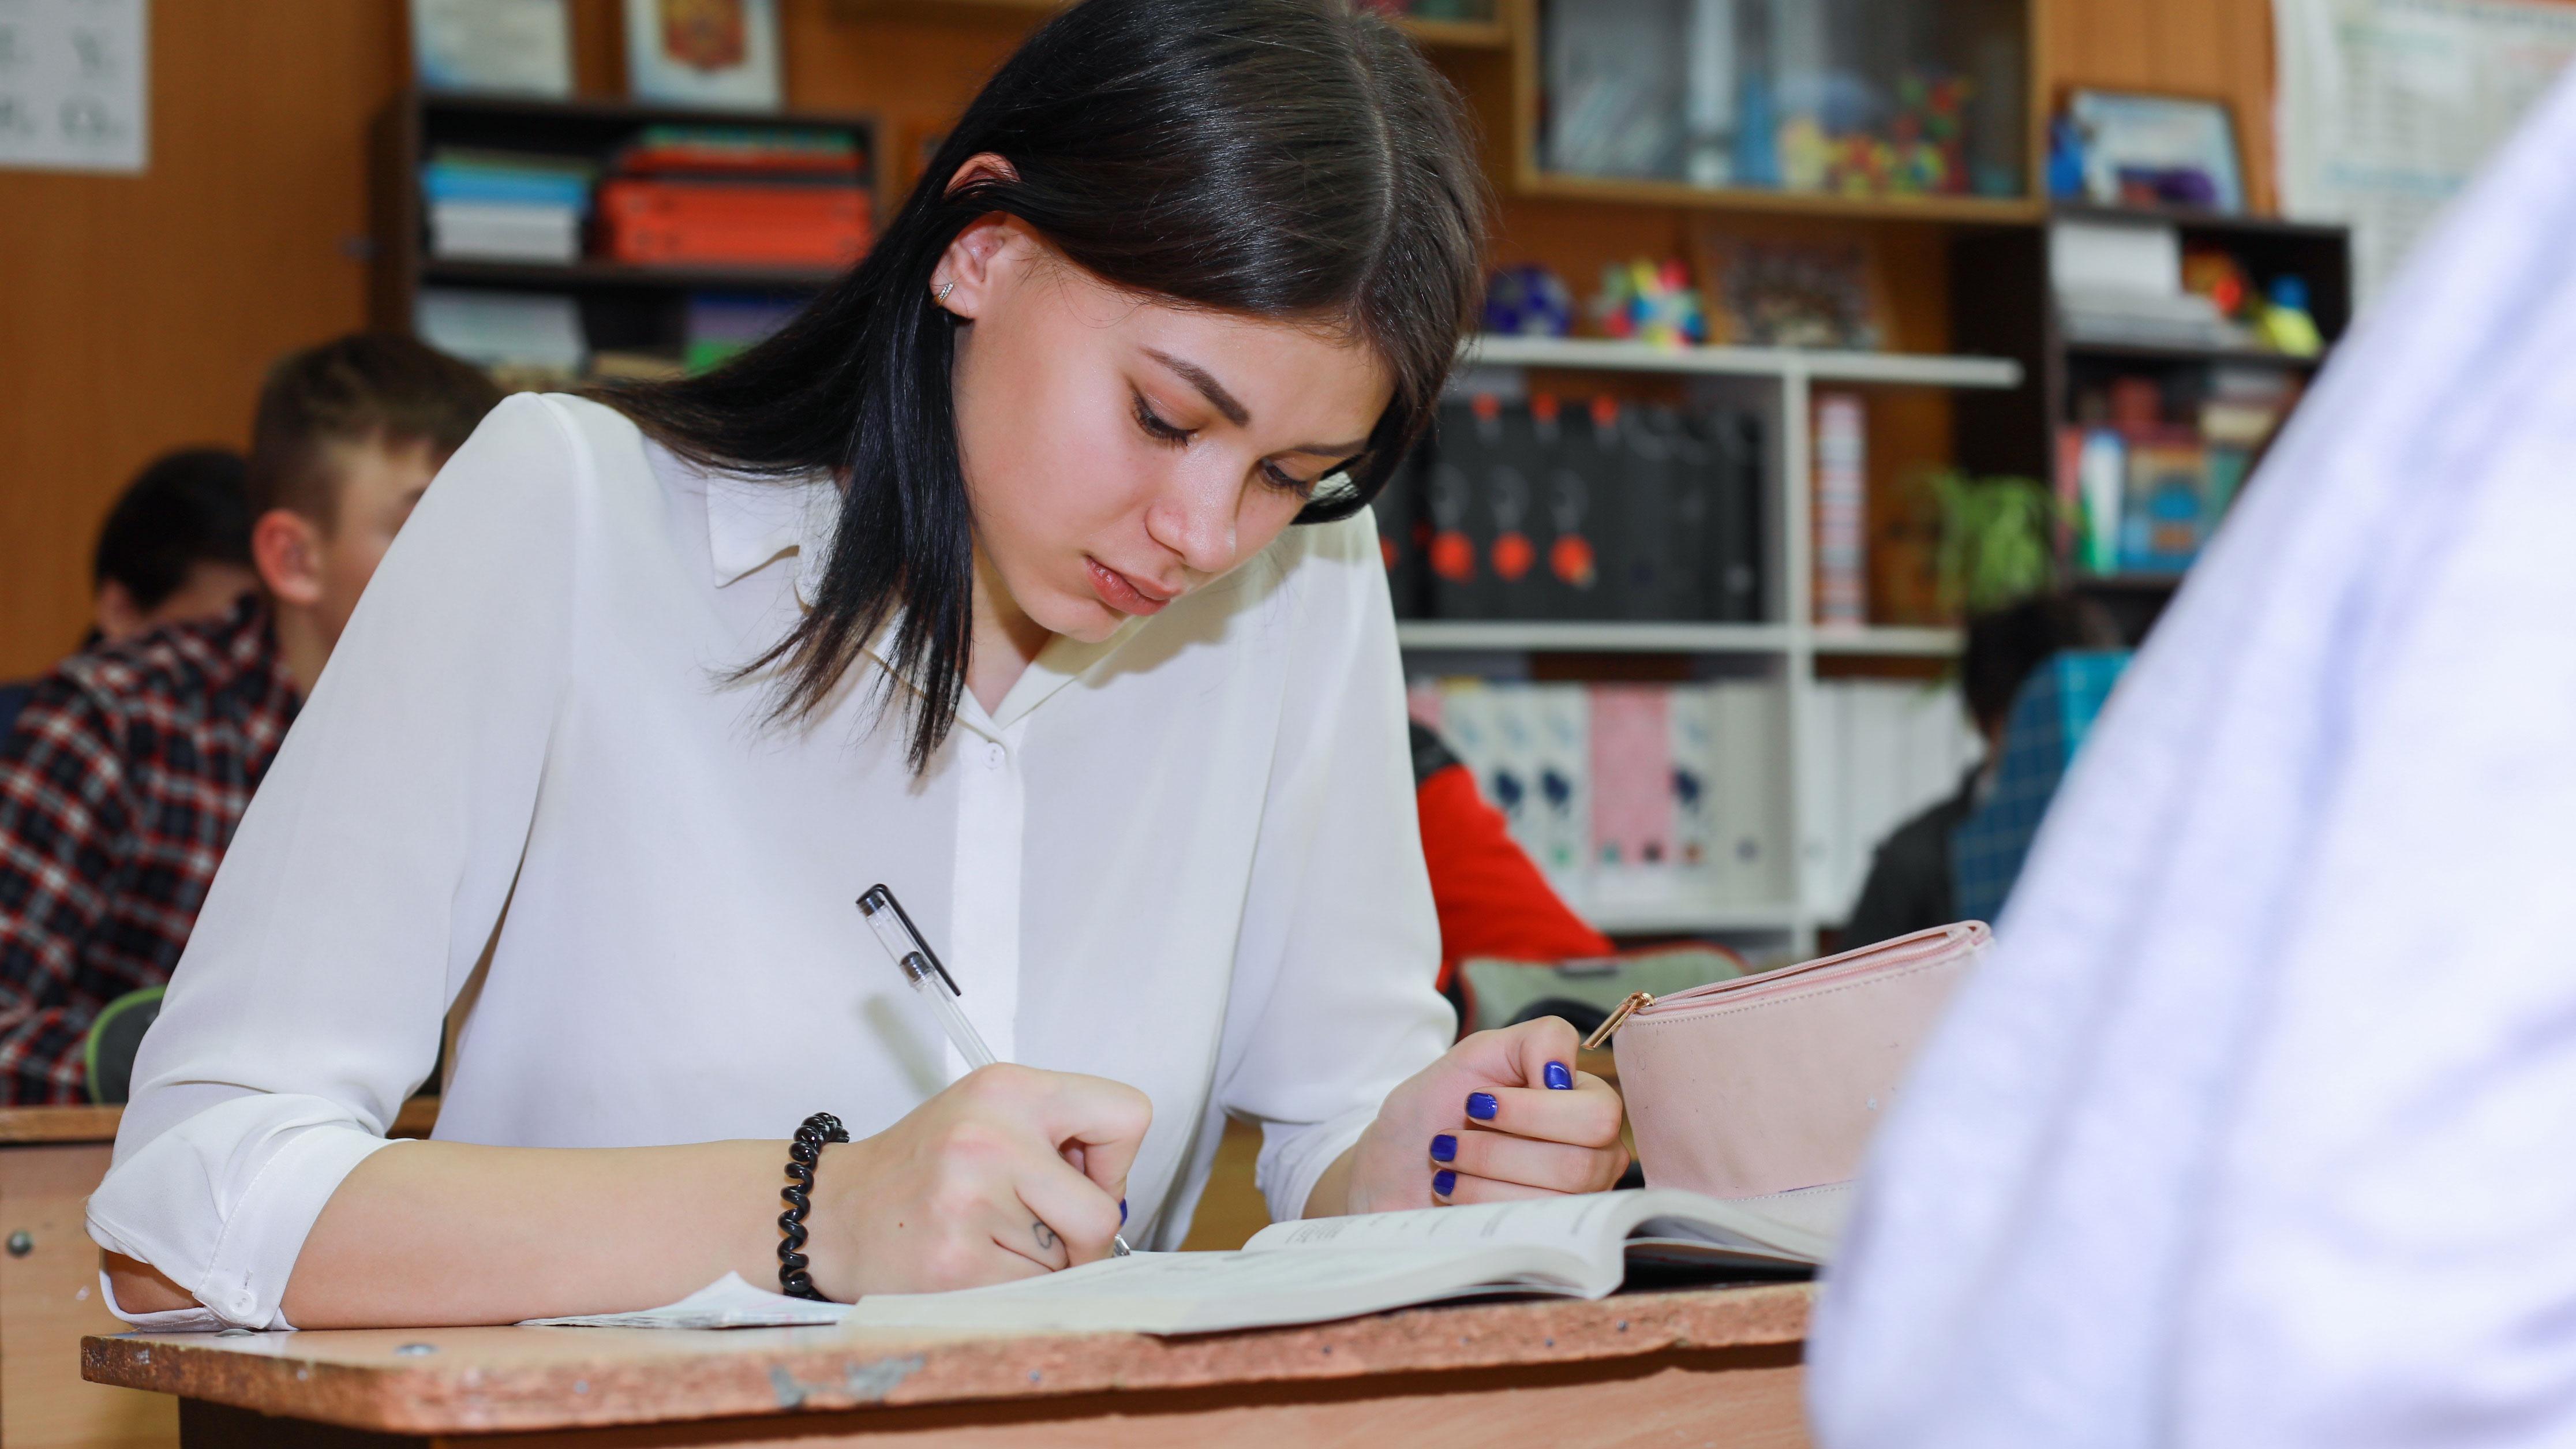 Для 11-классников создали сервис для подготовки к ЕГЭ